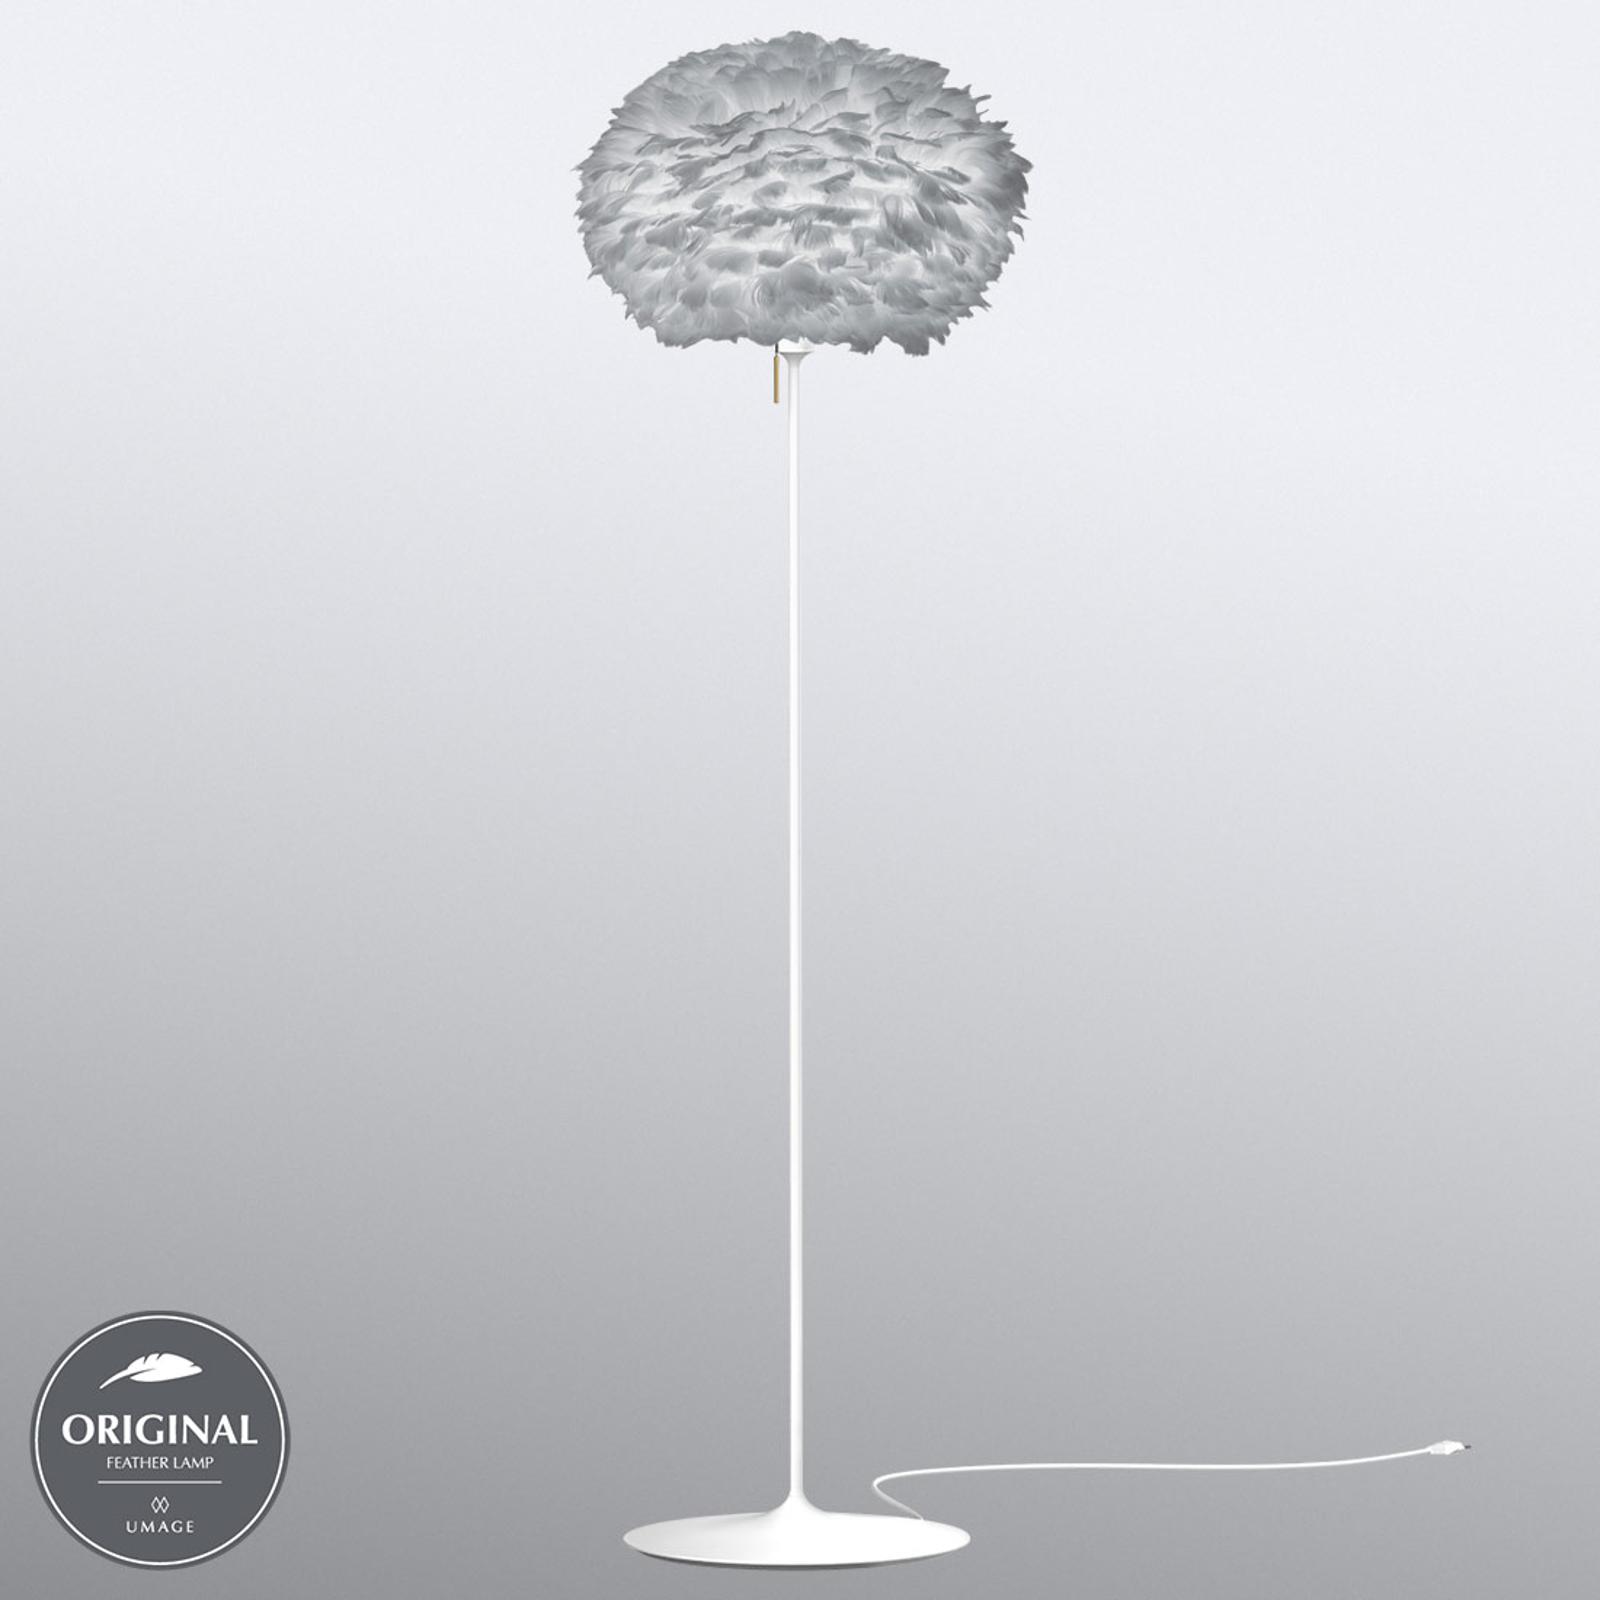 UMAGE Eos medium lampadaire gris clair